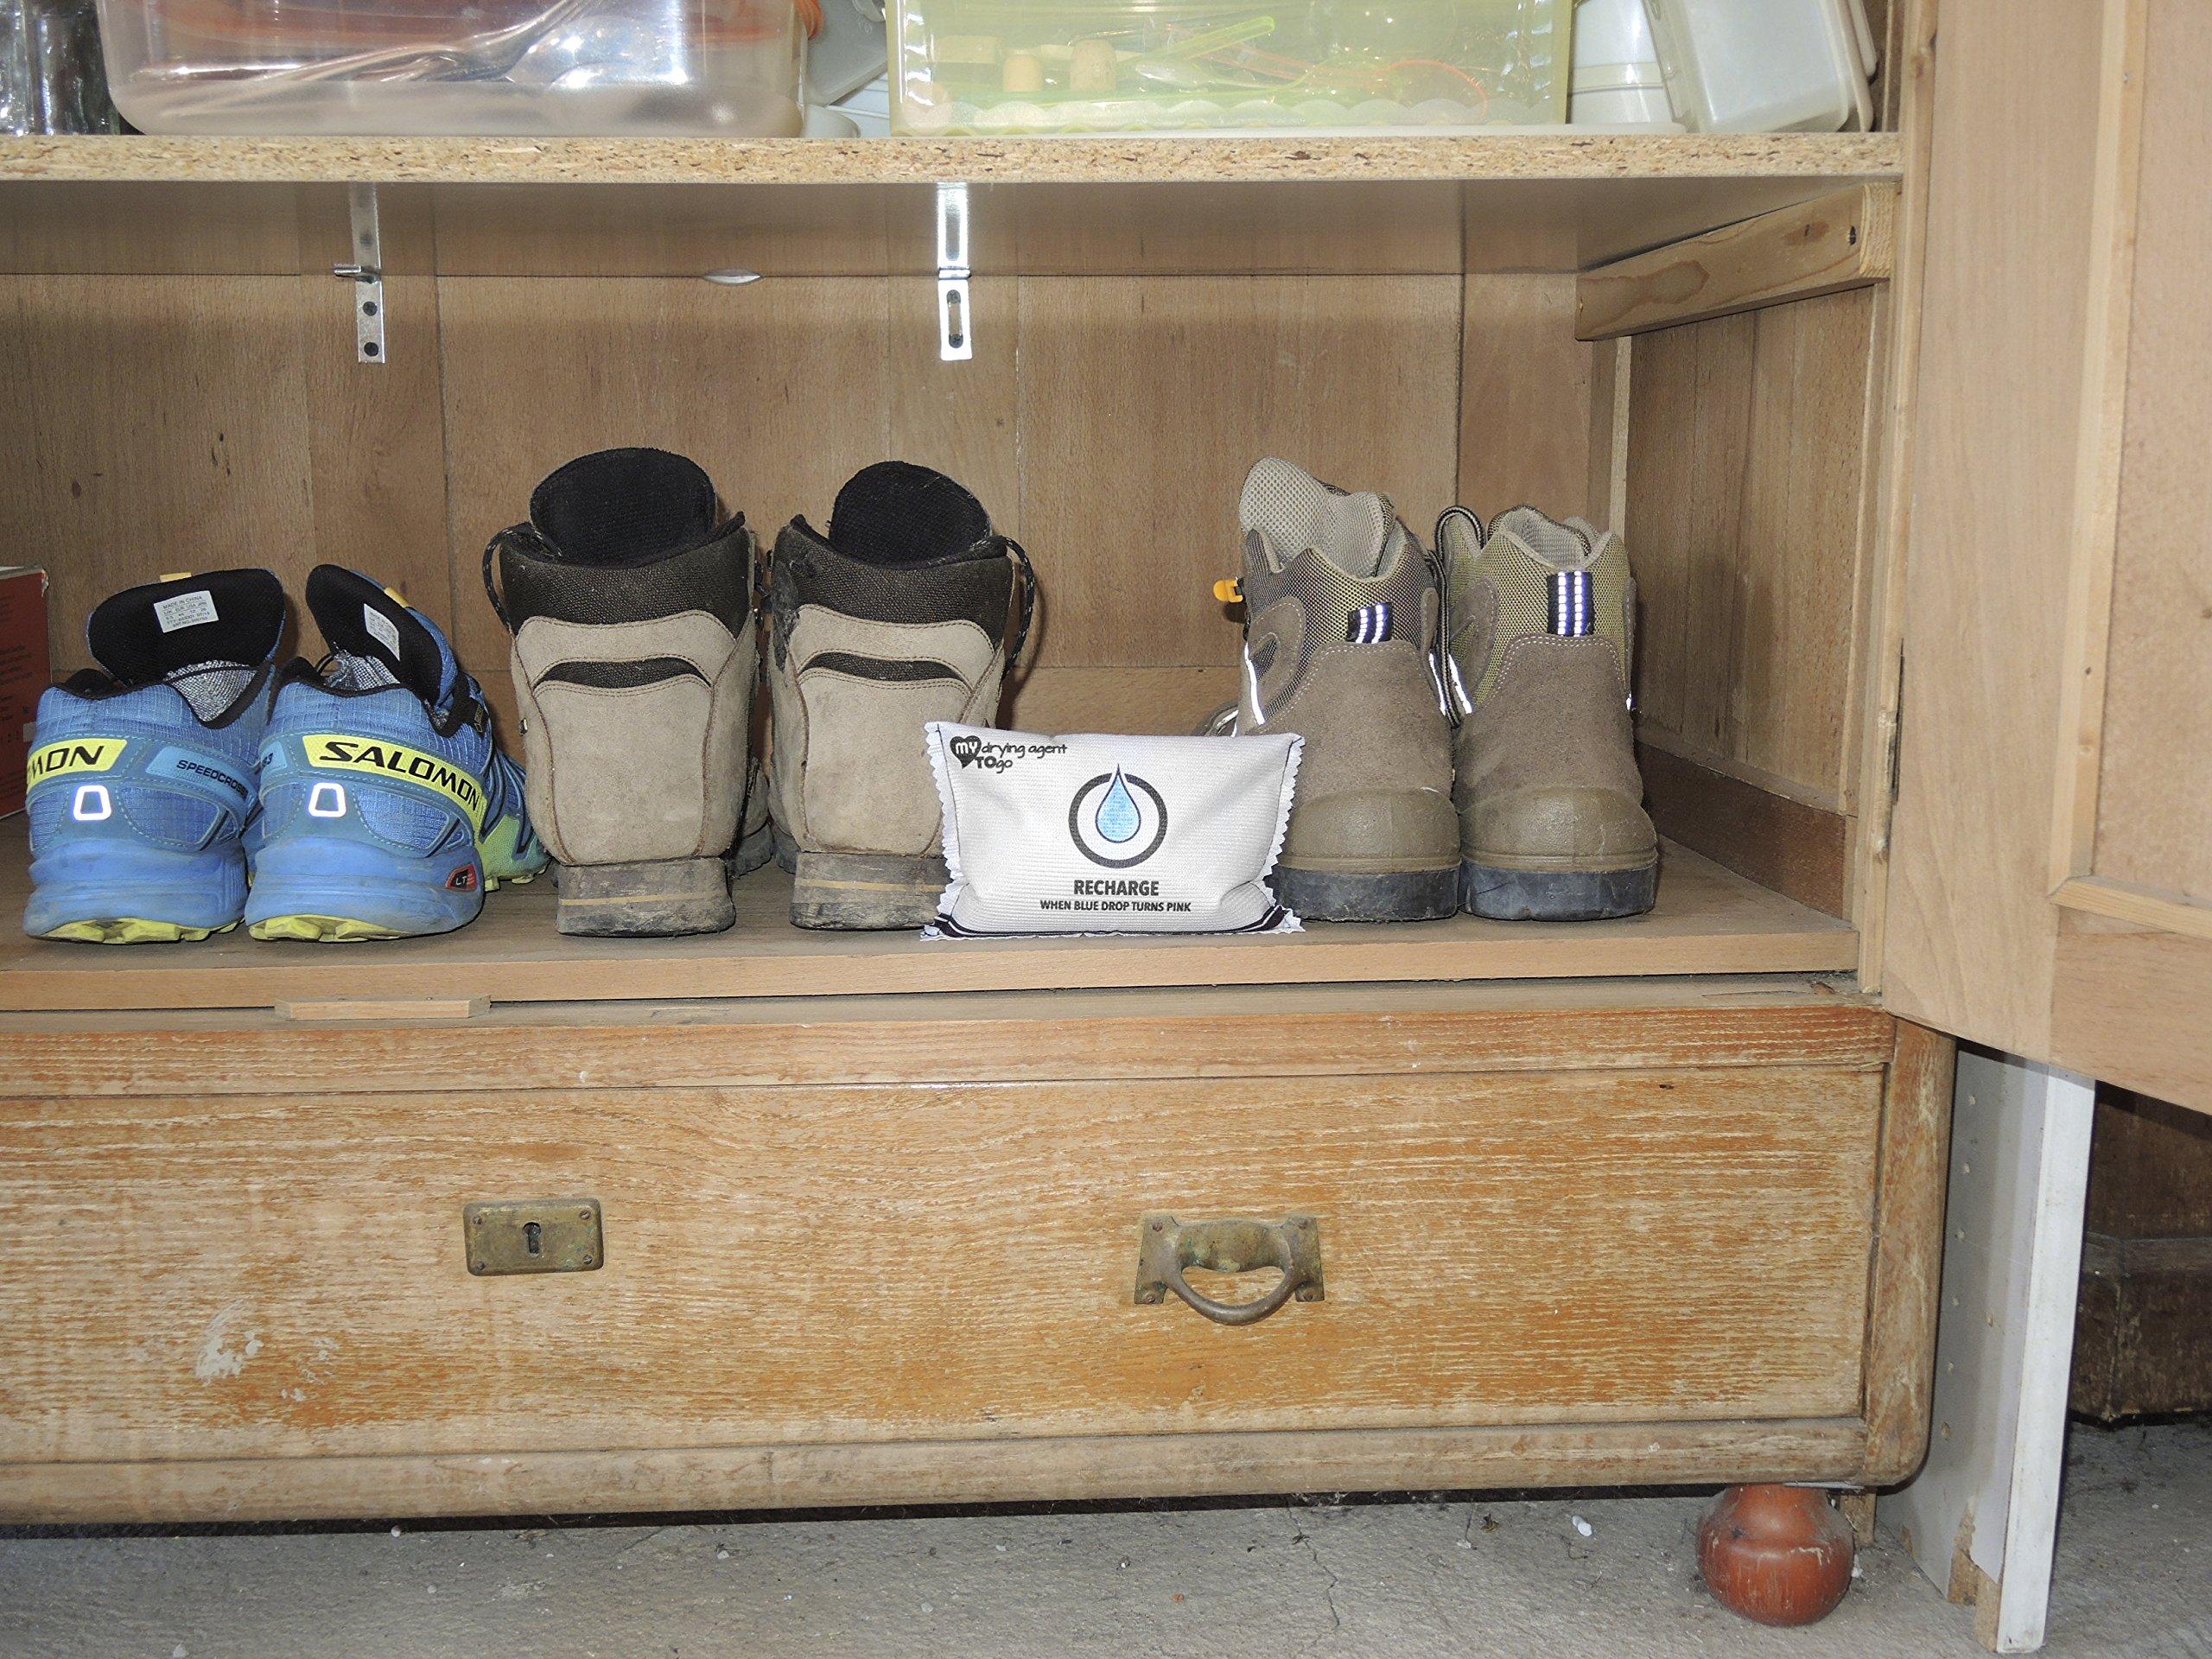 Deshumidificateur, absorbeurs d'humiditè réutilisable indéfiniment | MY DRYING AGENT TO GO | empêche la formation de moisissure | anti odeurs | pour caravanes, camping, bateau, voiture, maison